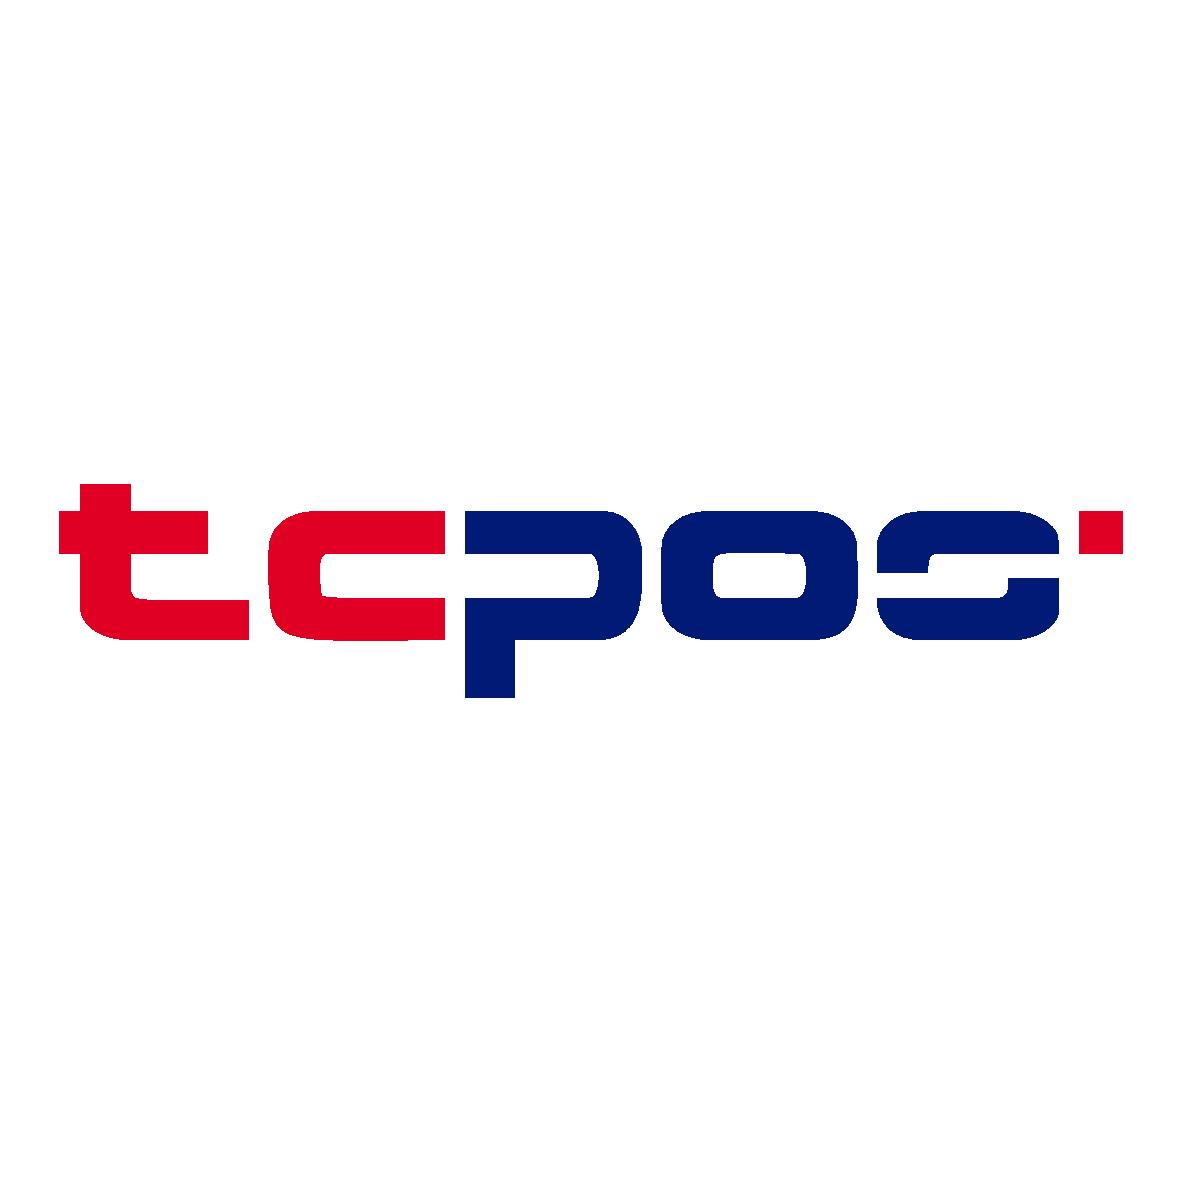 TCPOS - Sistema Líder Mundial en el Sector de Retail  - Tecnología de POS para las Industrias de Hospitalidad y Restaurantes